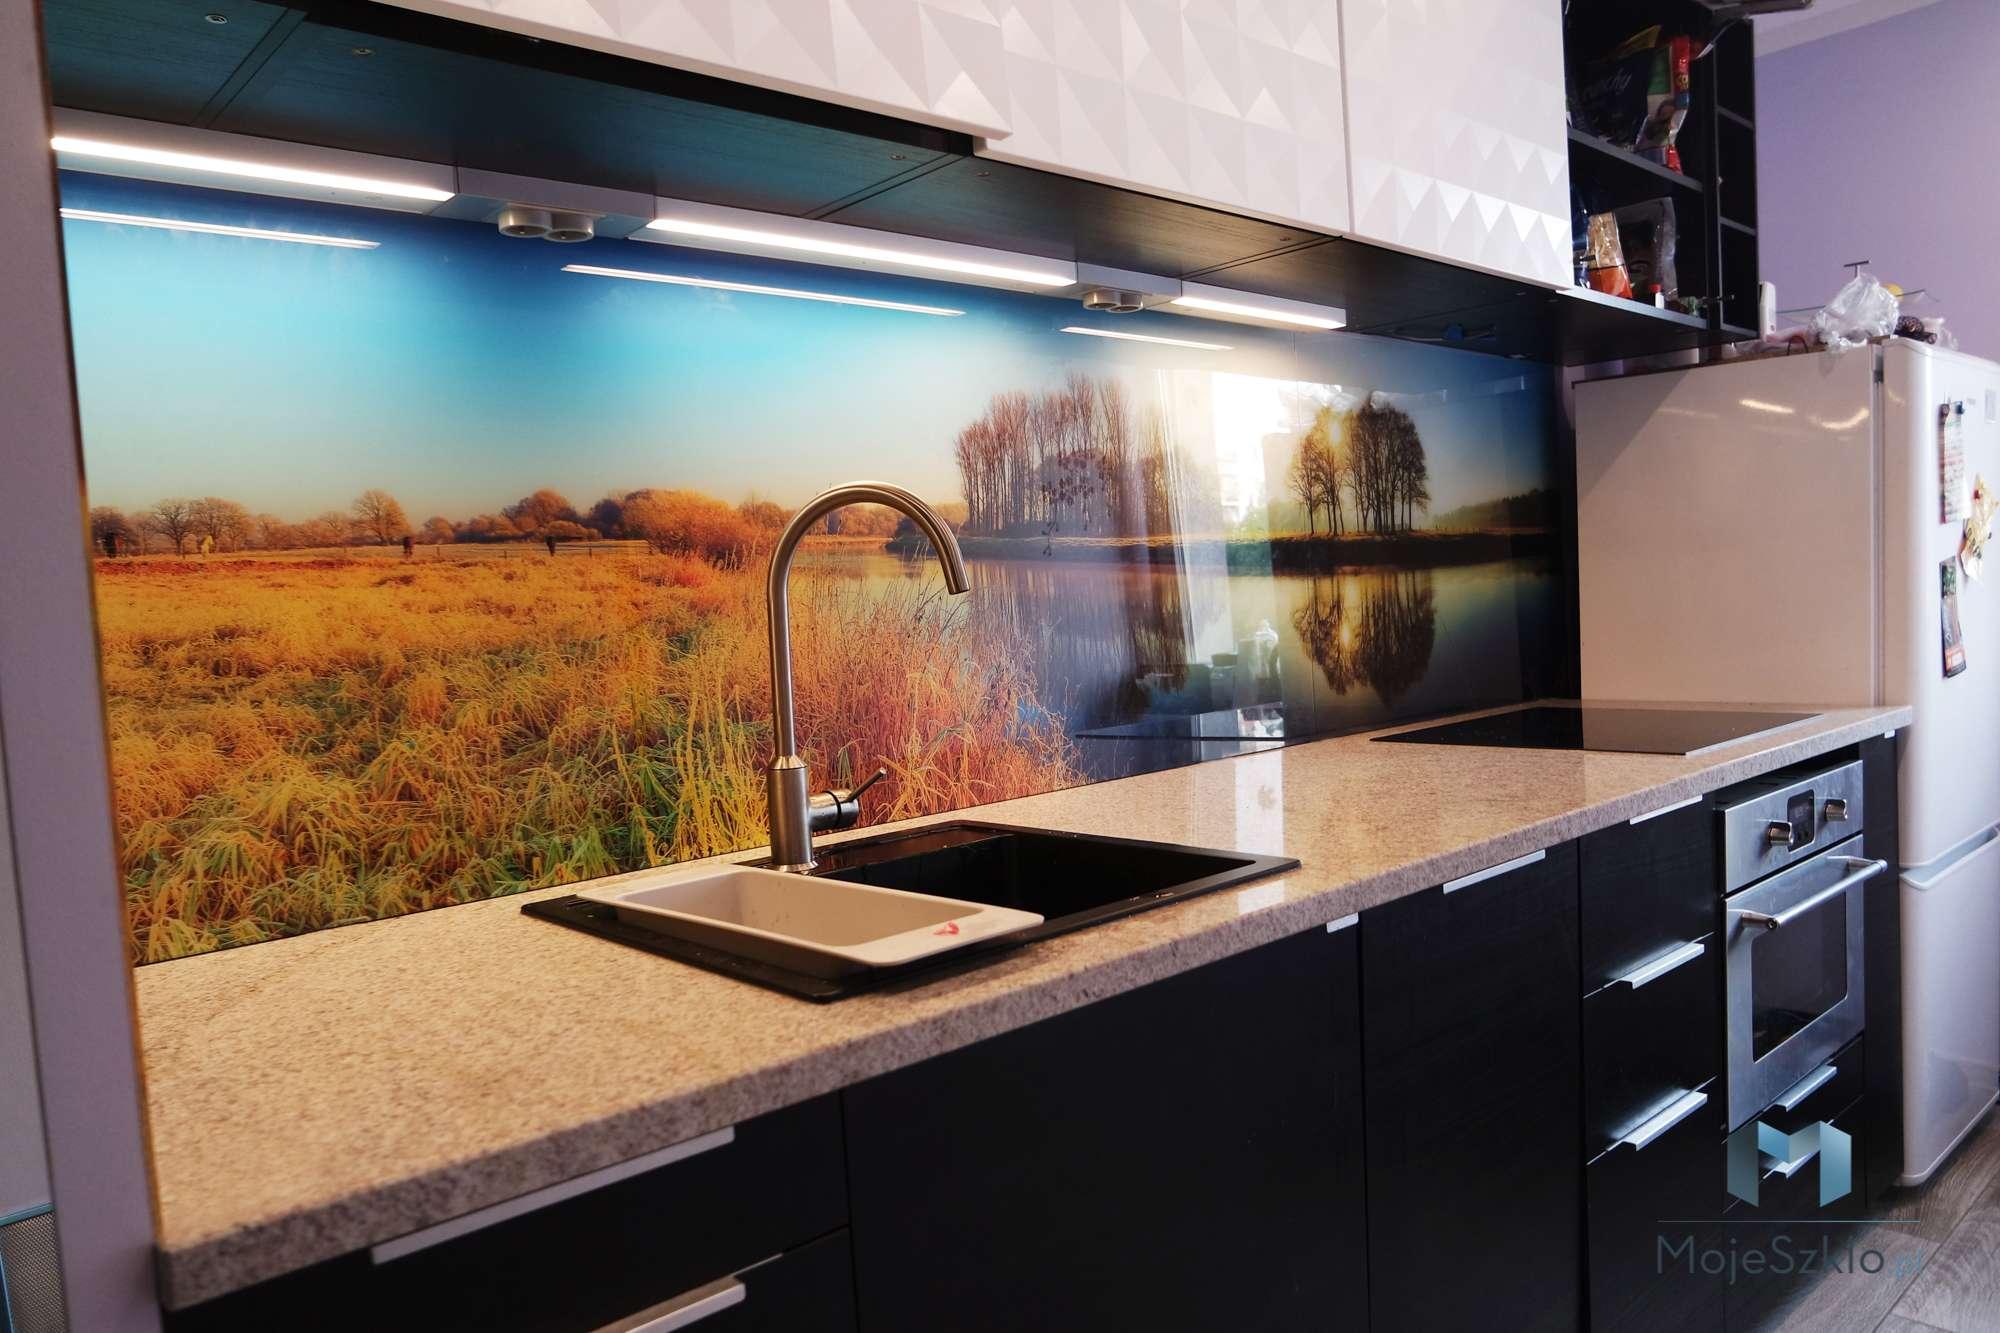 Szklo W Kuchni 1 - Szyba do kuchni z motywem kwiatów